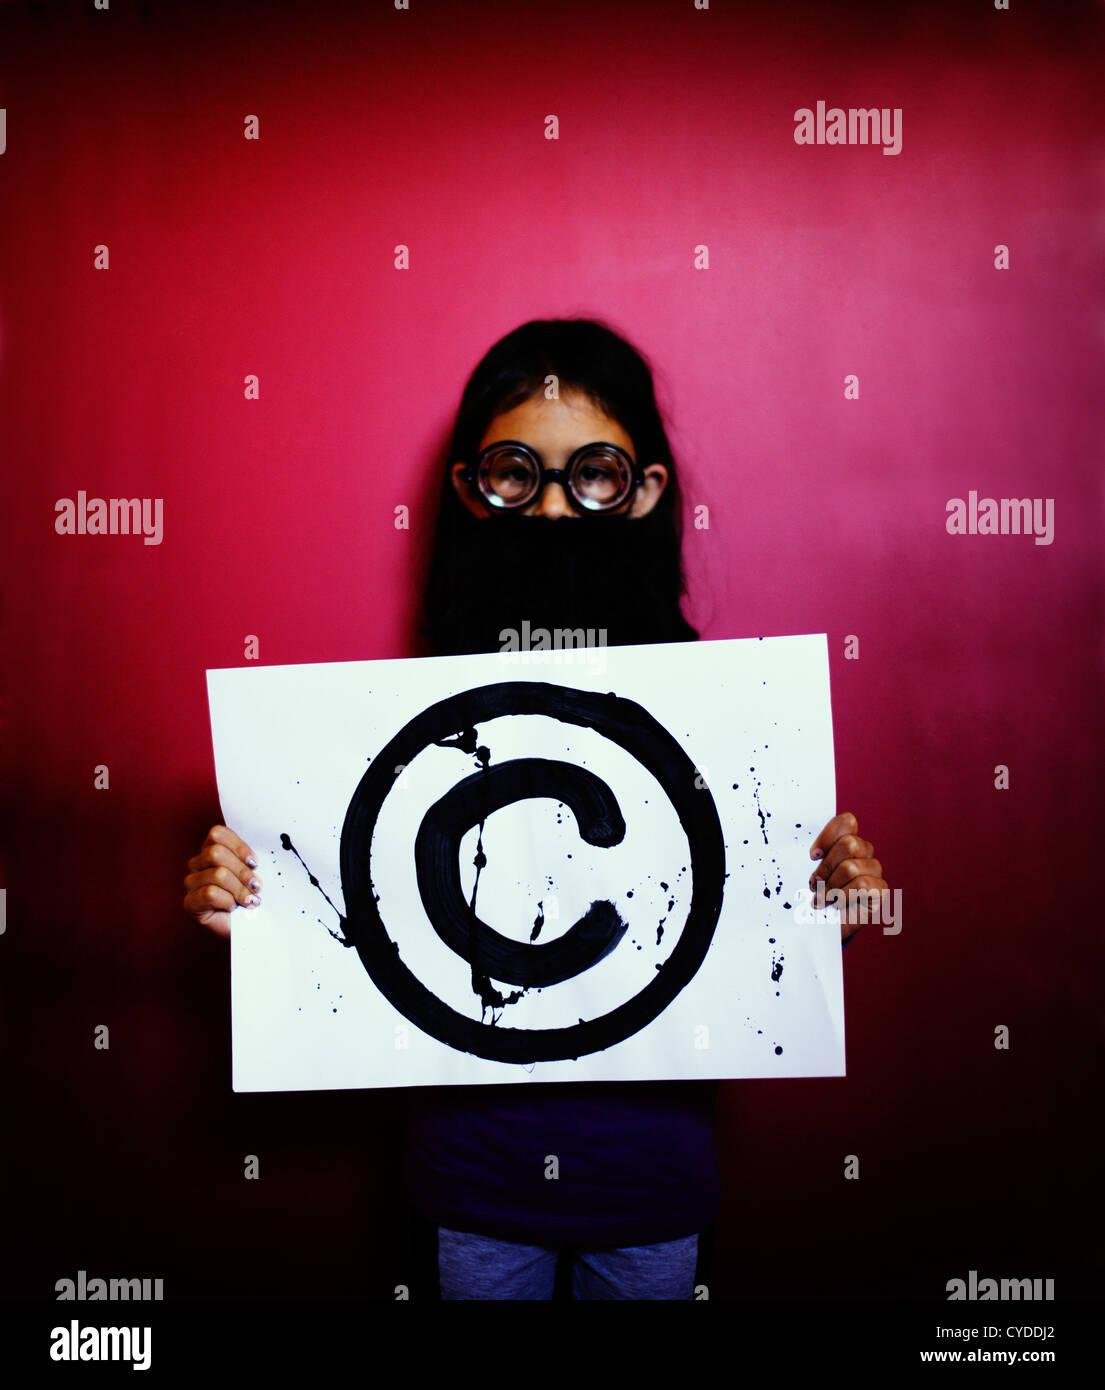 El profesor dice, 'Hands off: es Copyright'. Chica con falsa barba y gafas tiene el símbolo de copyright. Imagen De Stock